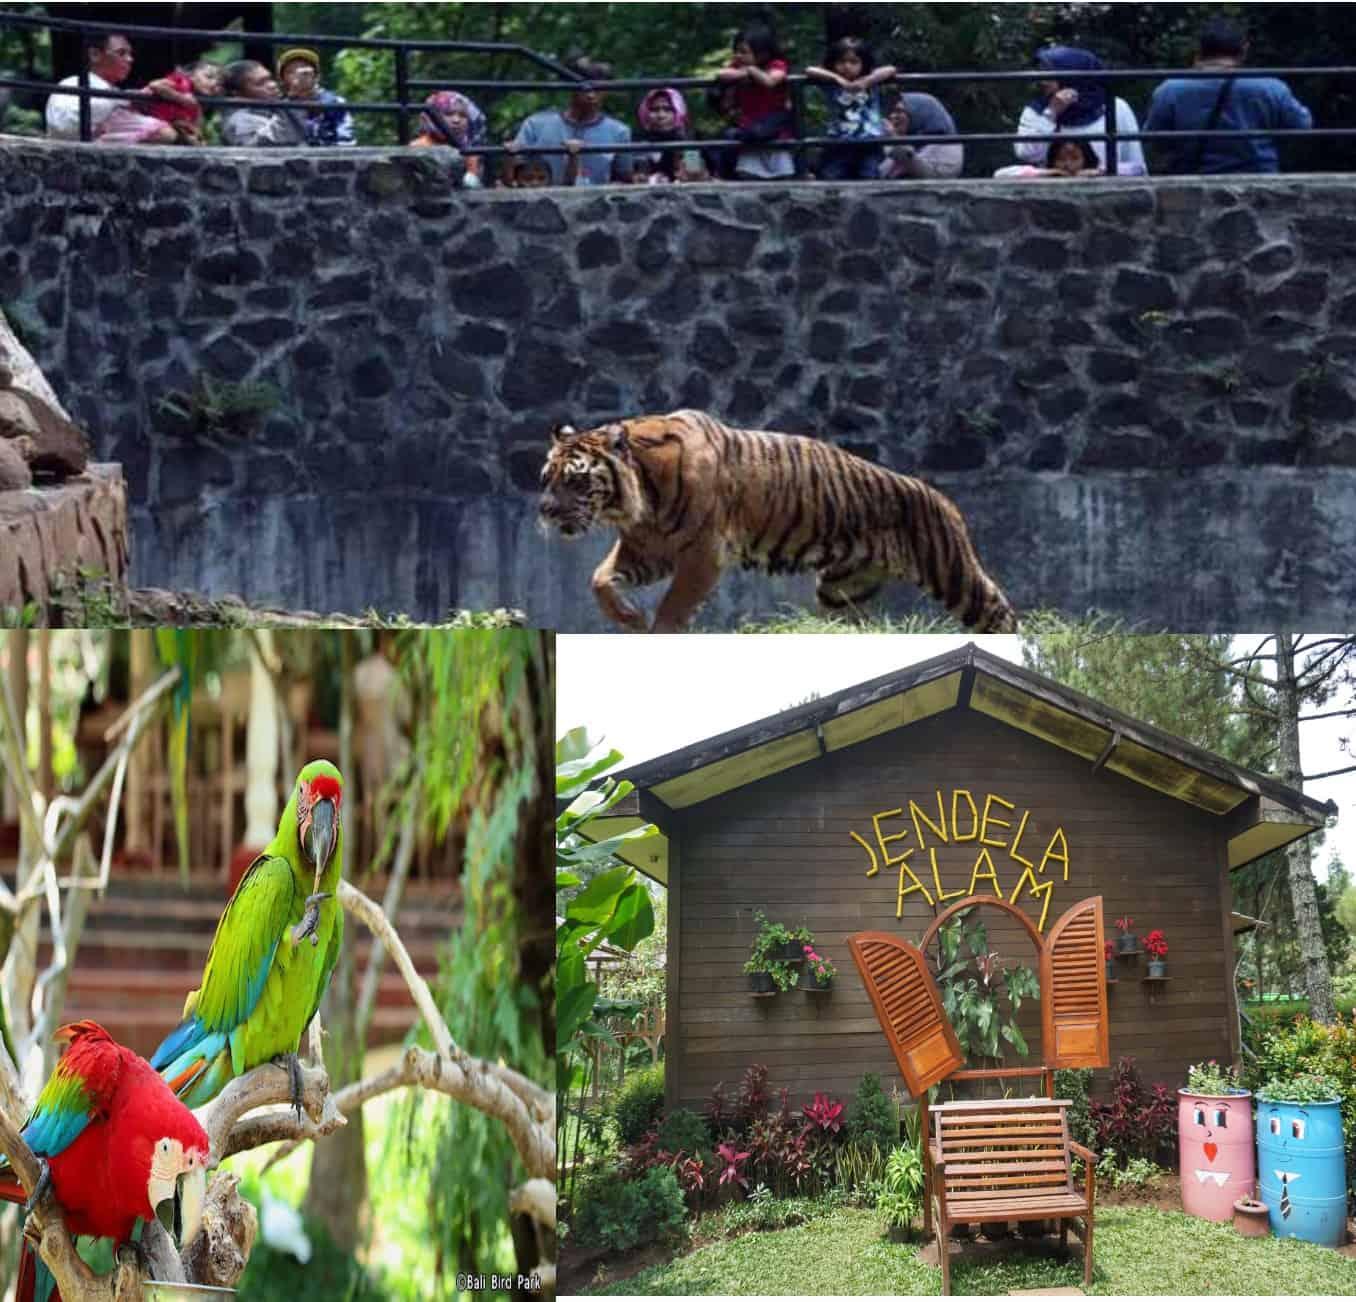 Wisata Anak Di Bandung, Wajib Untuk Dikunjungi Saat Liburan Tiba